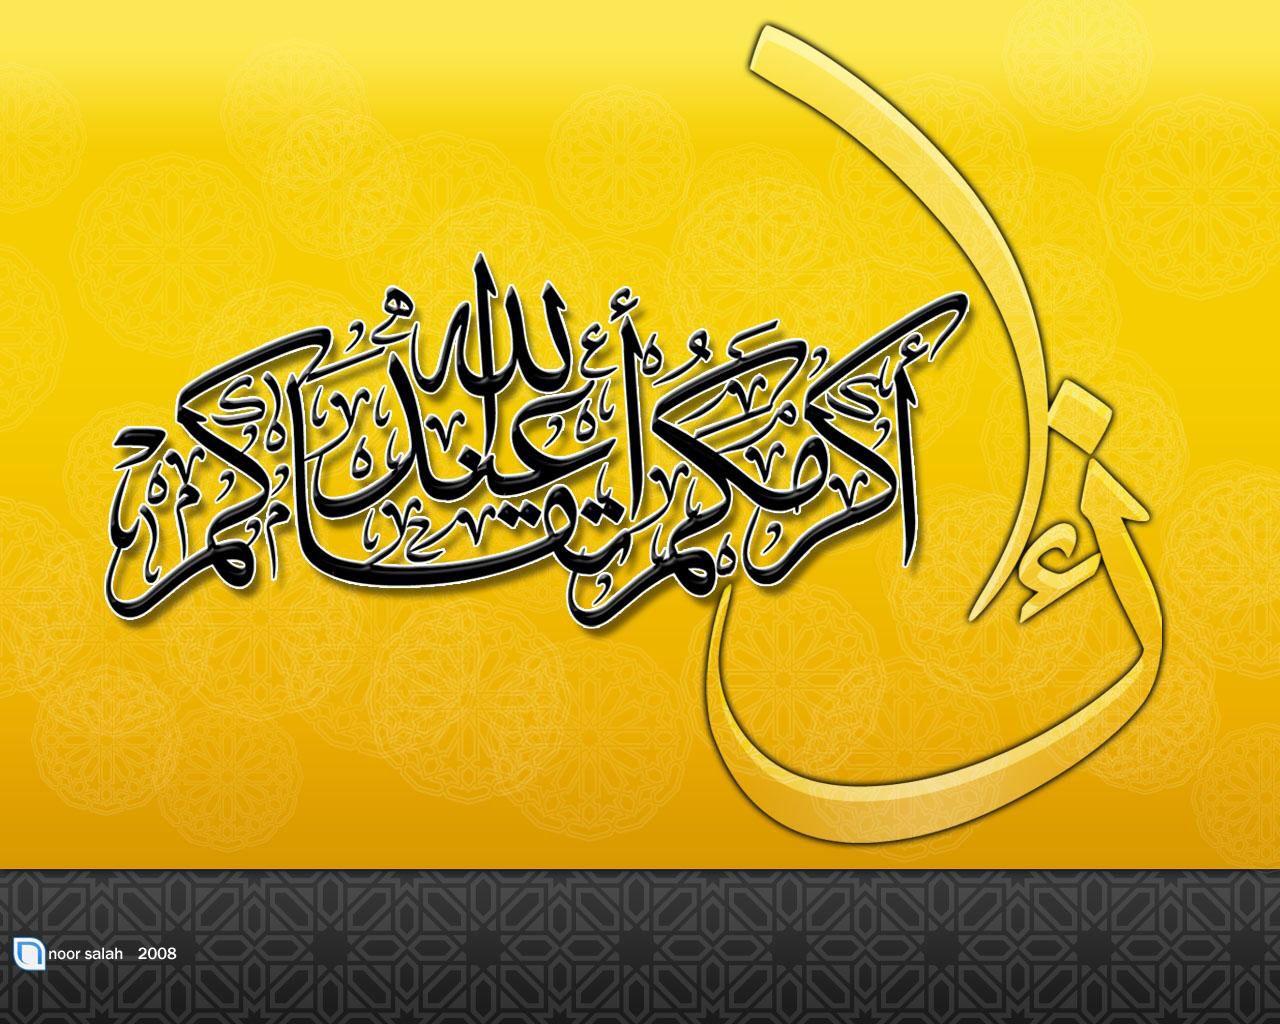 إن اكرمكم عند الله اتقاكم Islamic Calligraphy Islamic Art Calligraphy Islamic Art